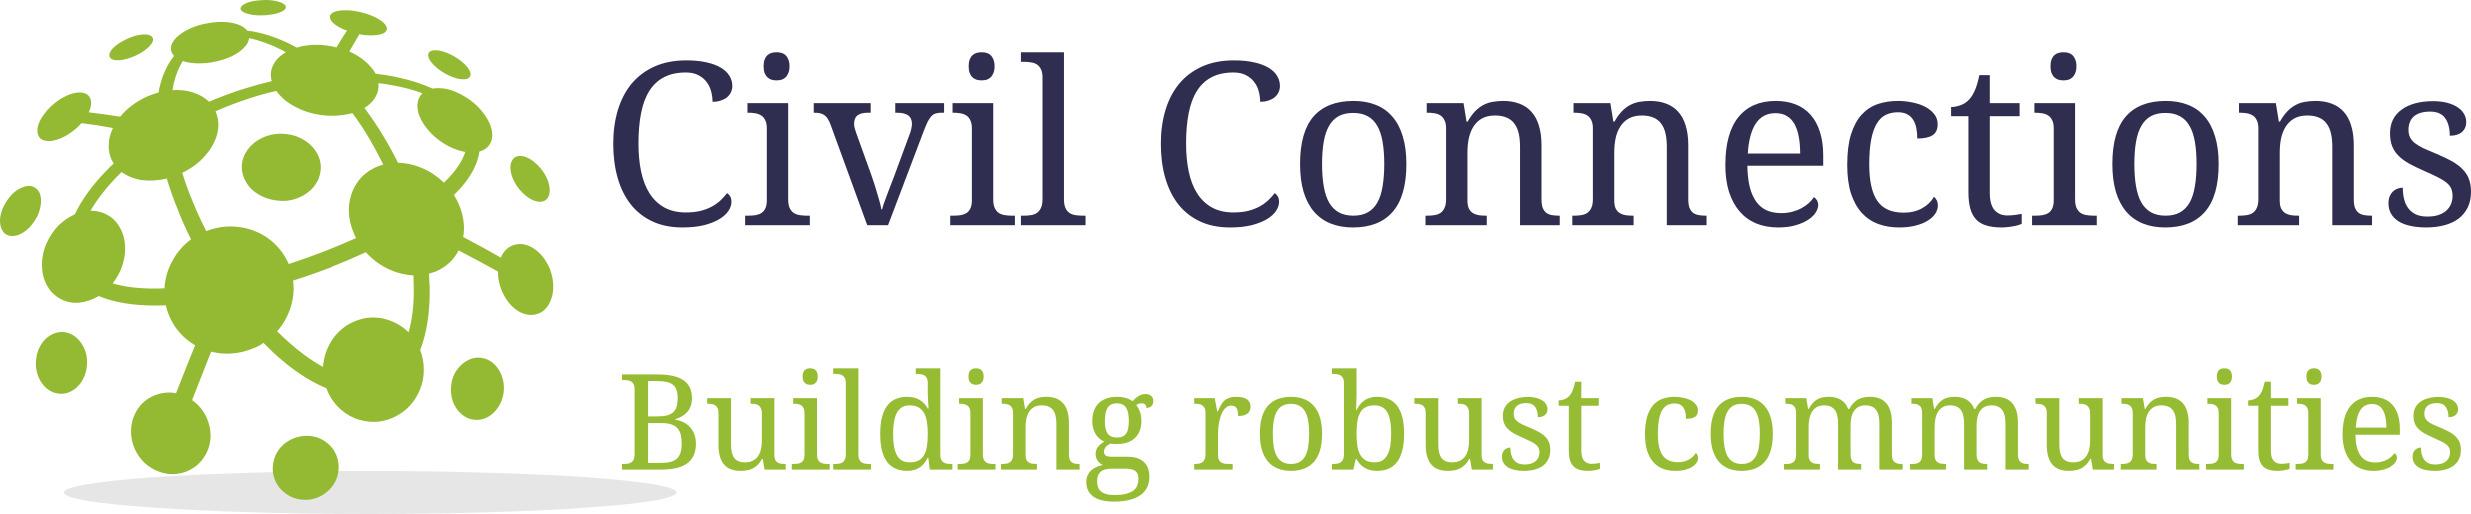 Civil Connections logo